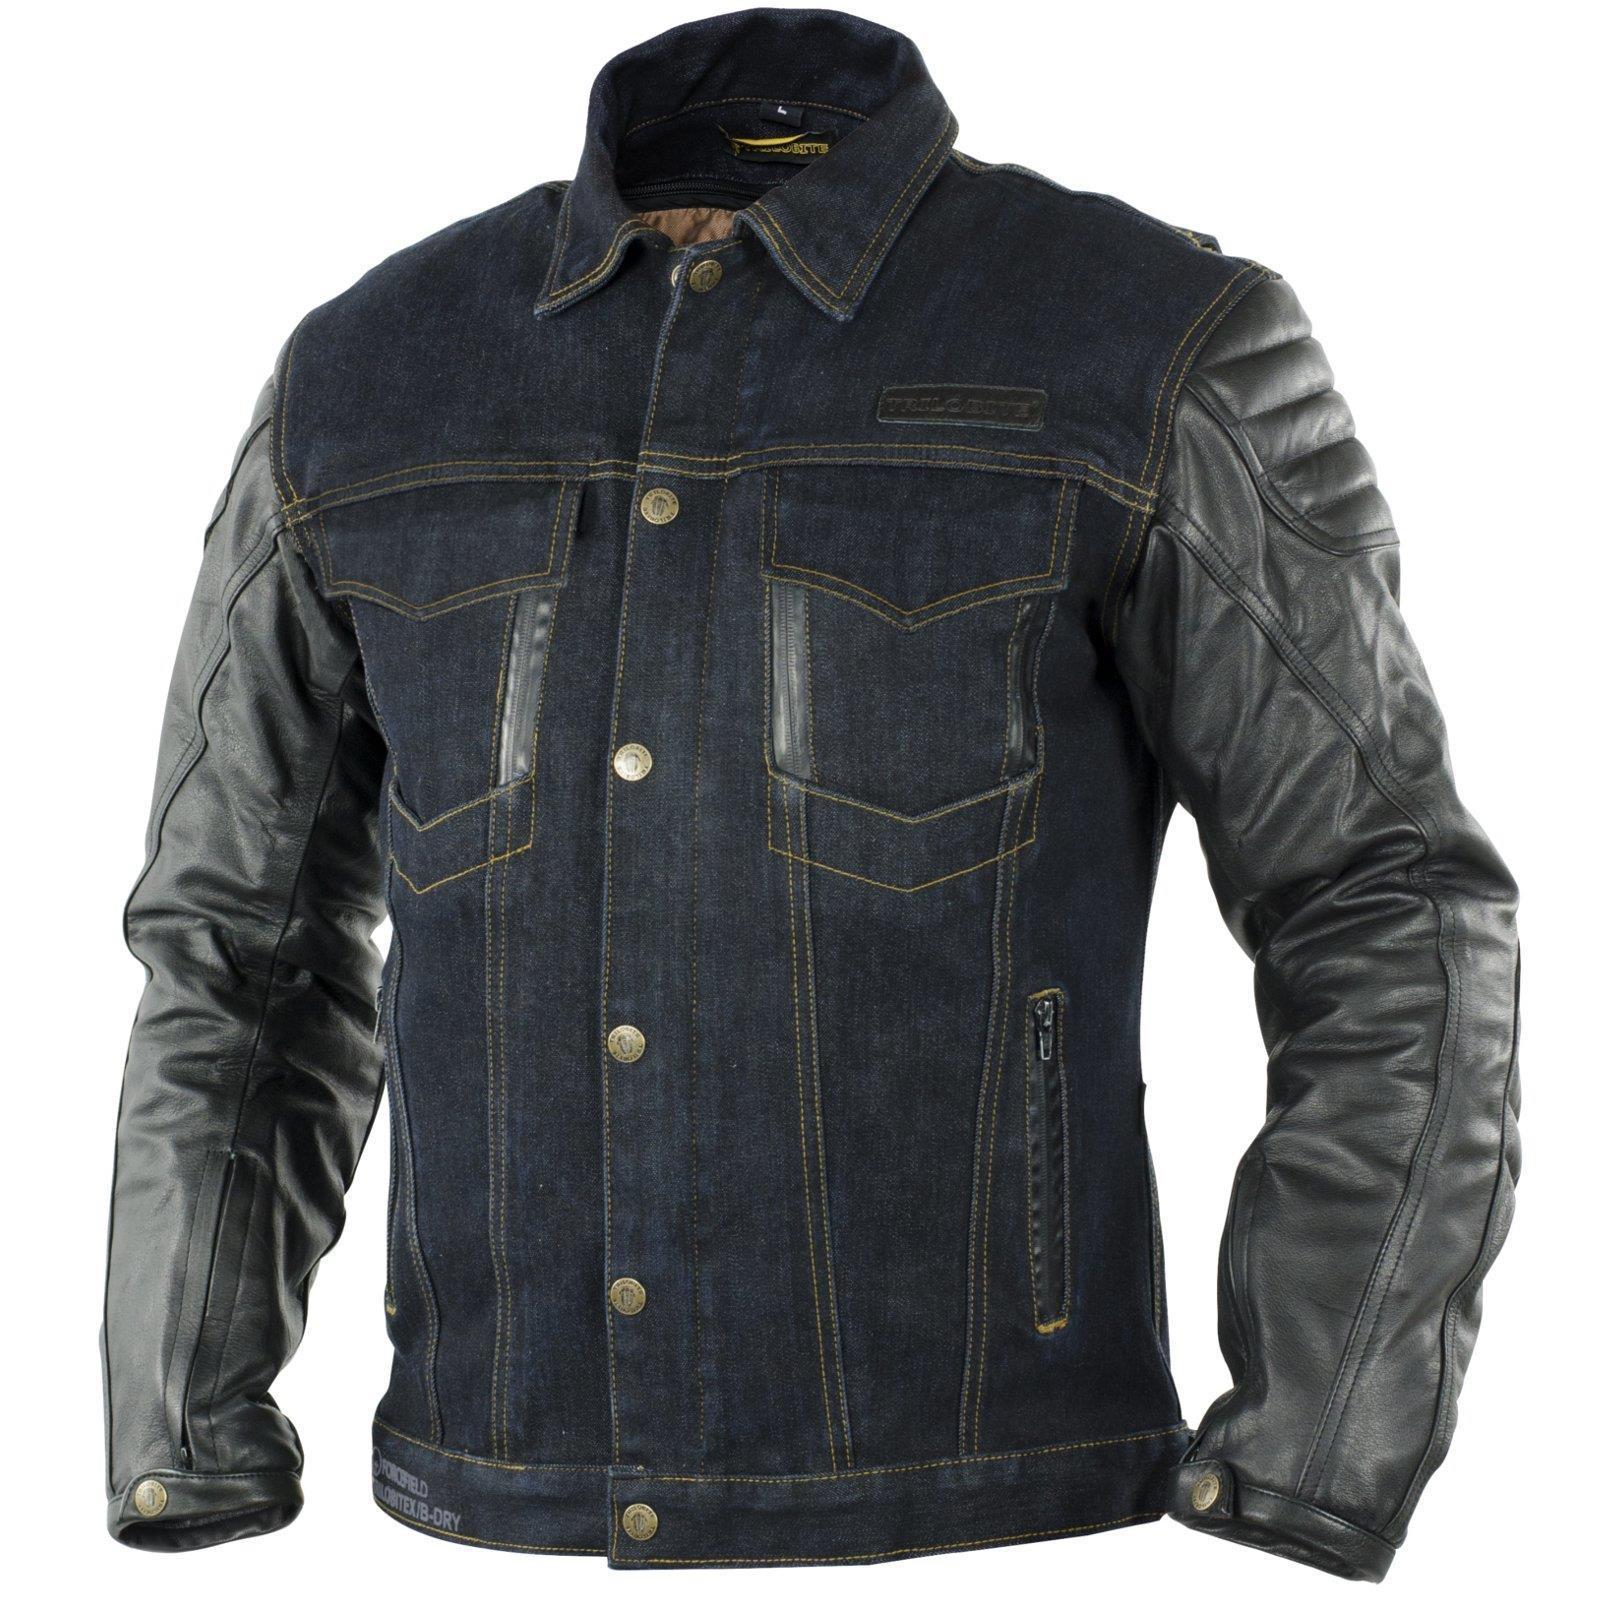 Blau Rocker Jacke Herren Trilobite Symphis Motorrad Jeans Protektoren Leder xqOgxXa6